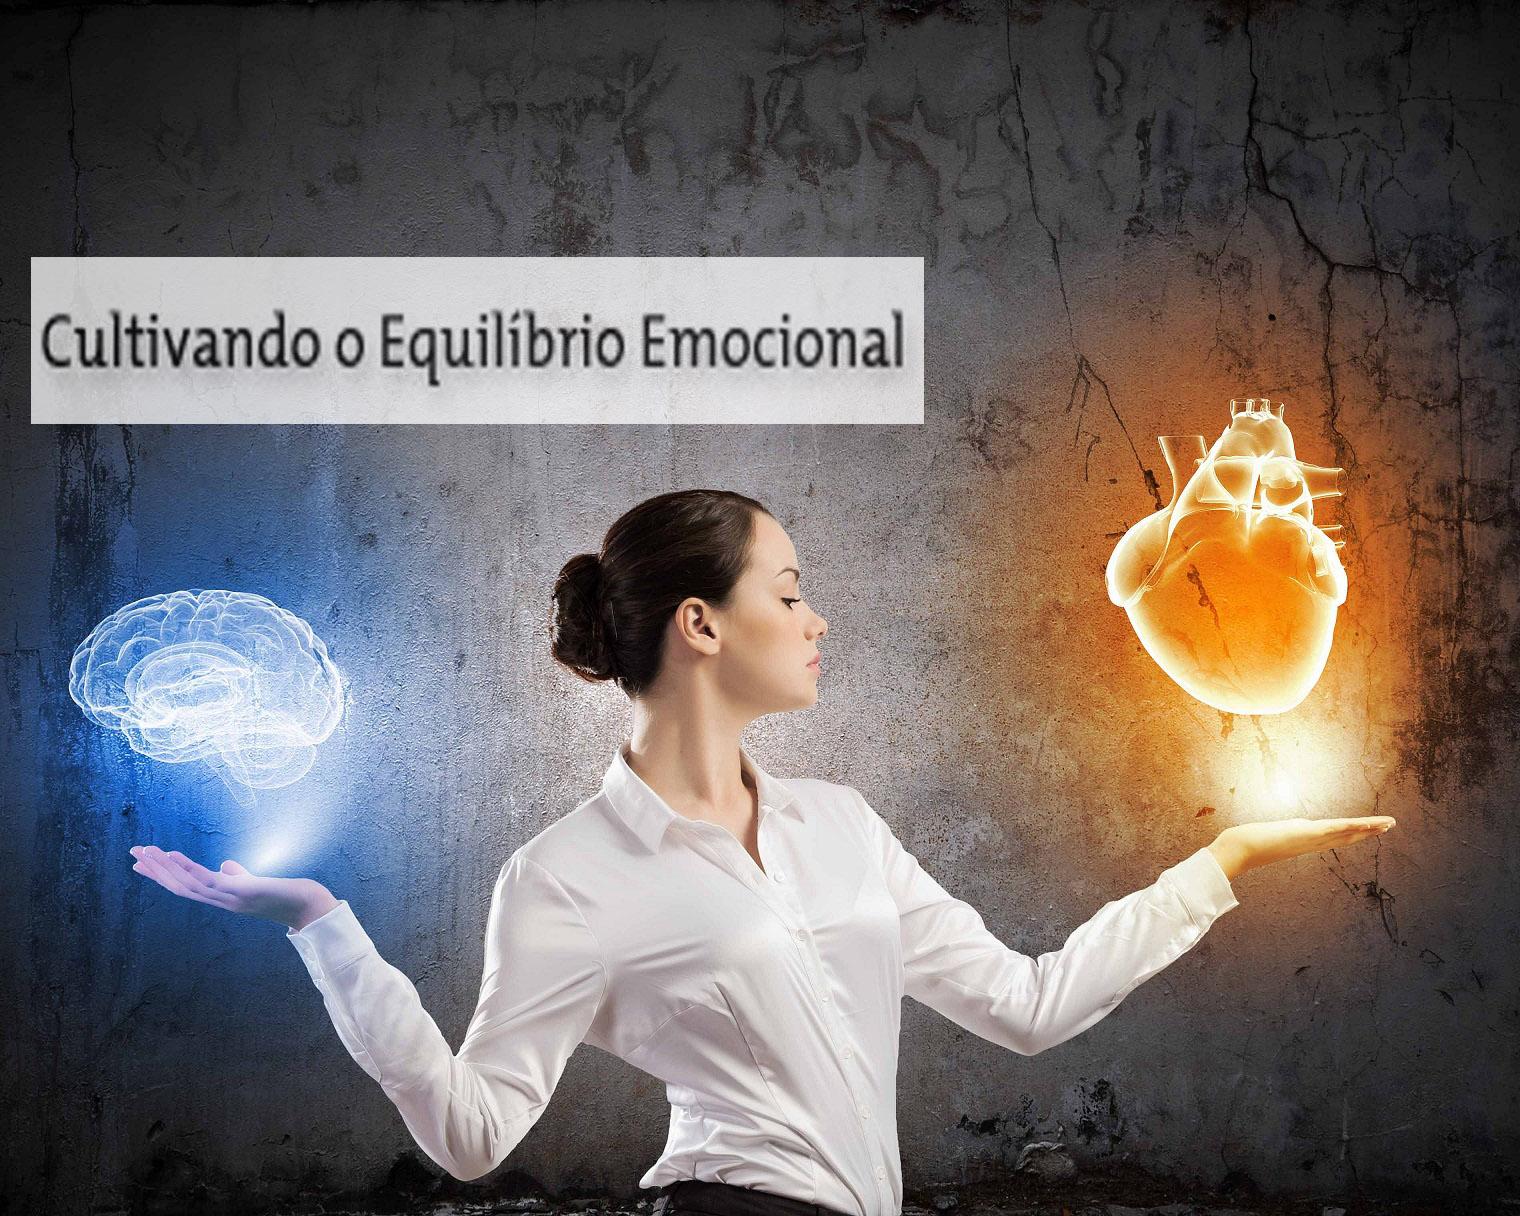 Resultado de imagem para cultivando o equilíbrio emocional